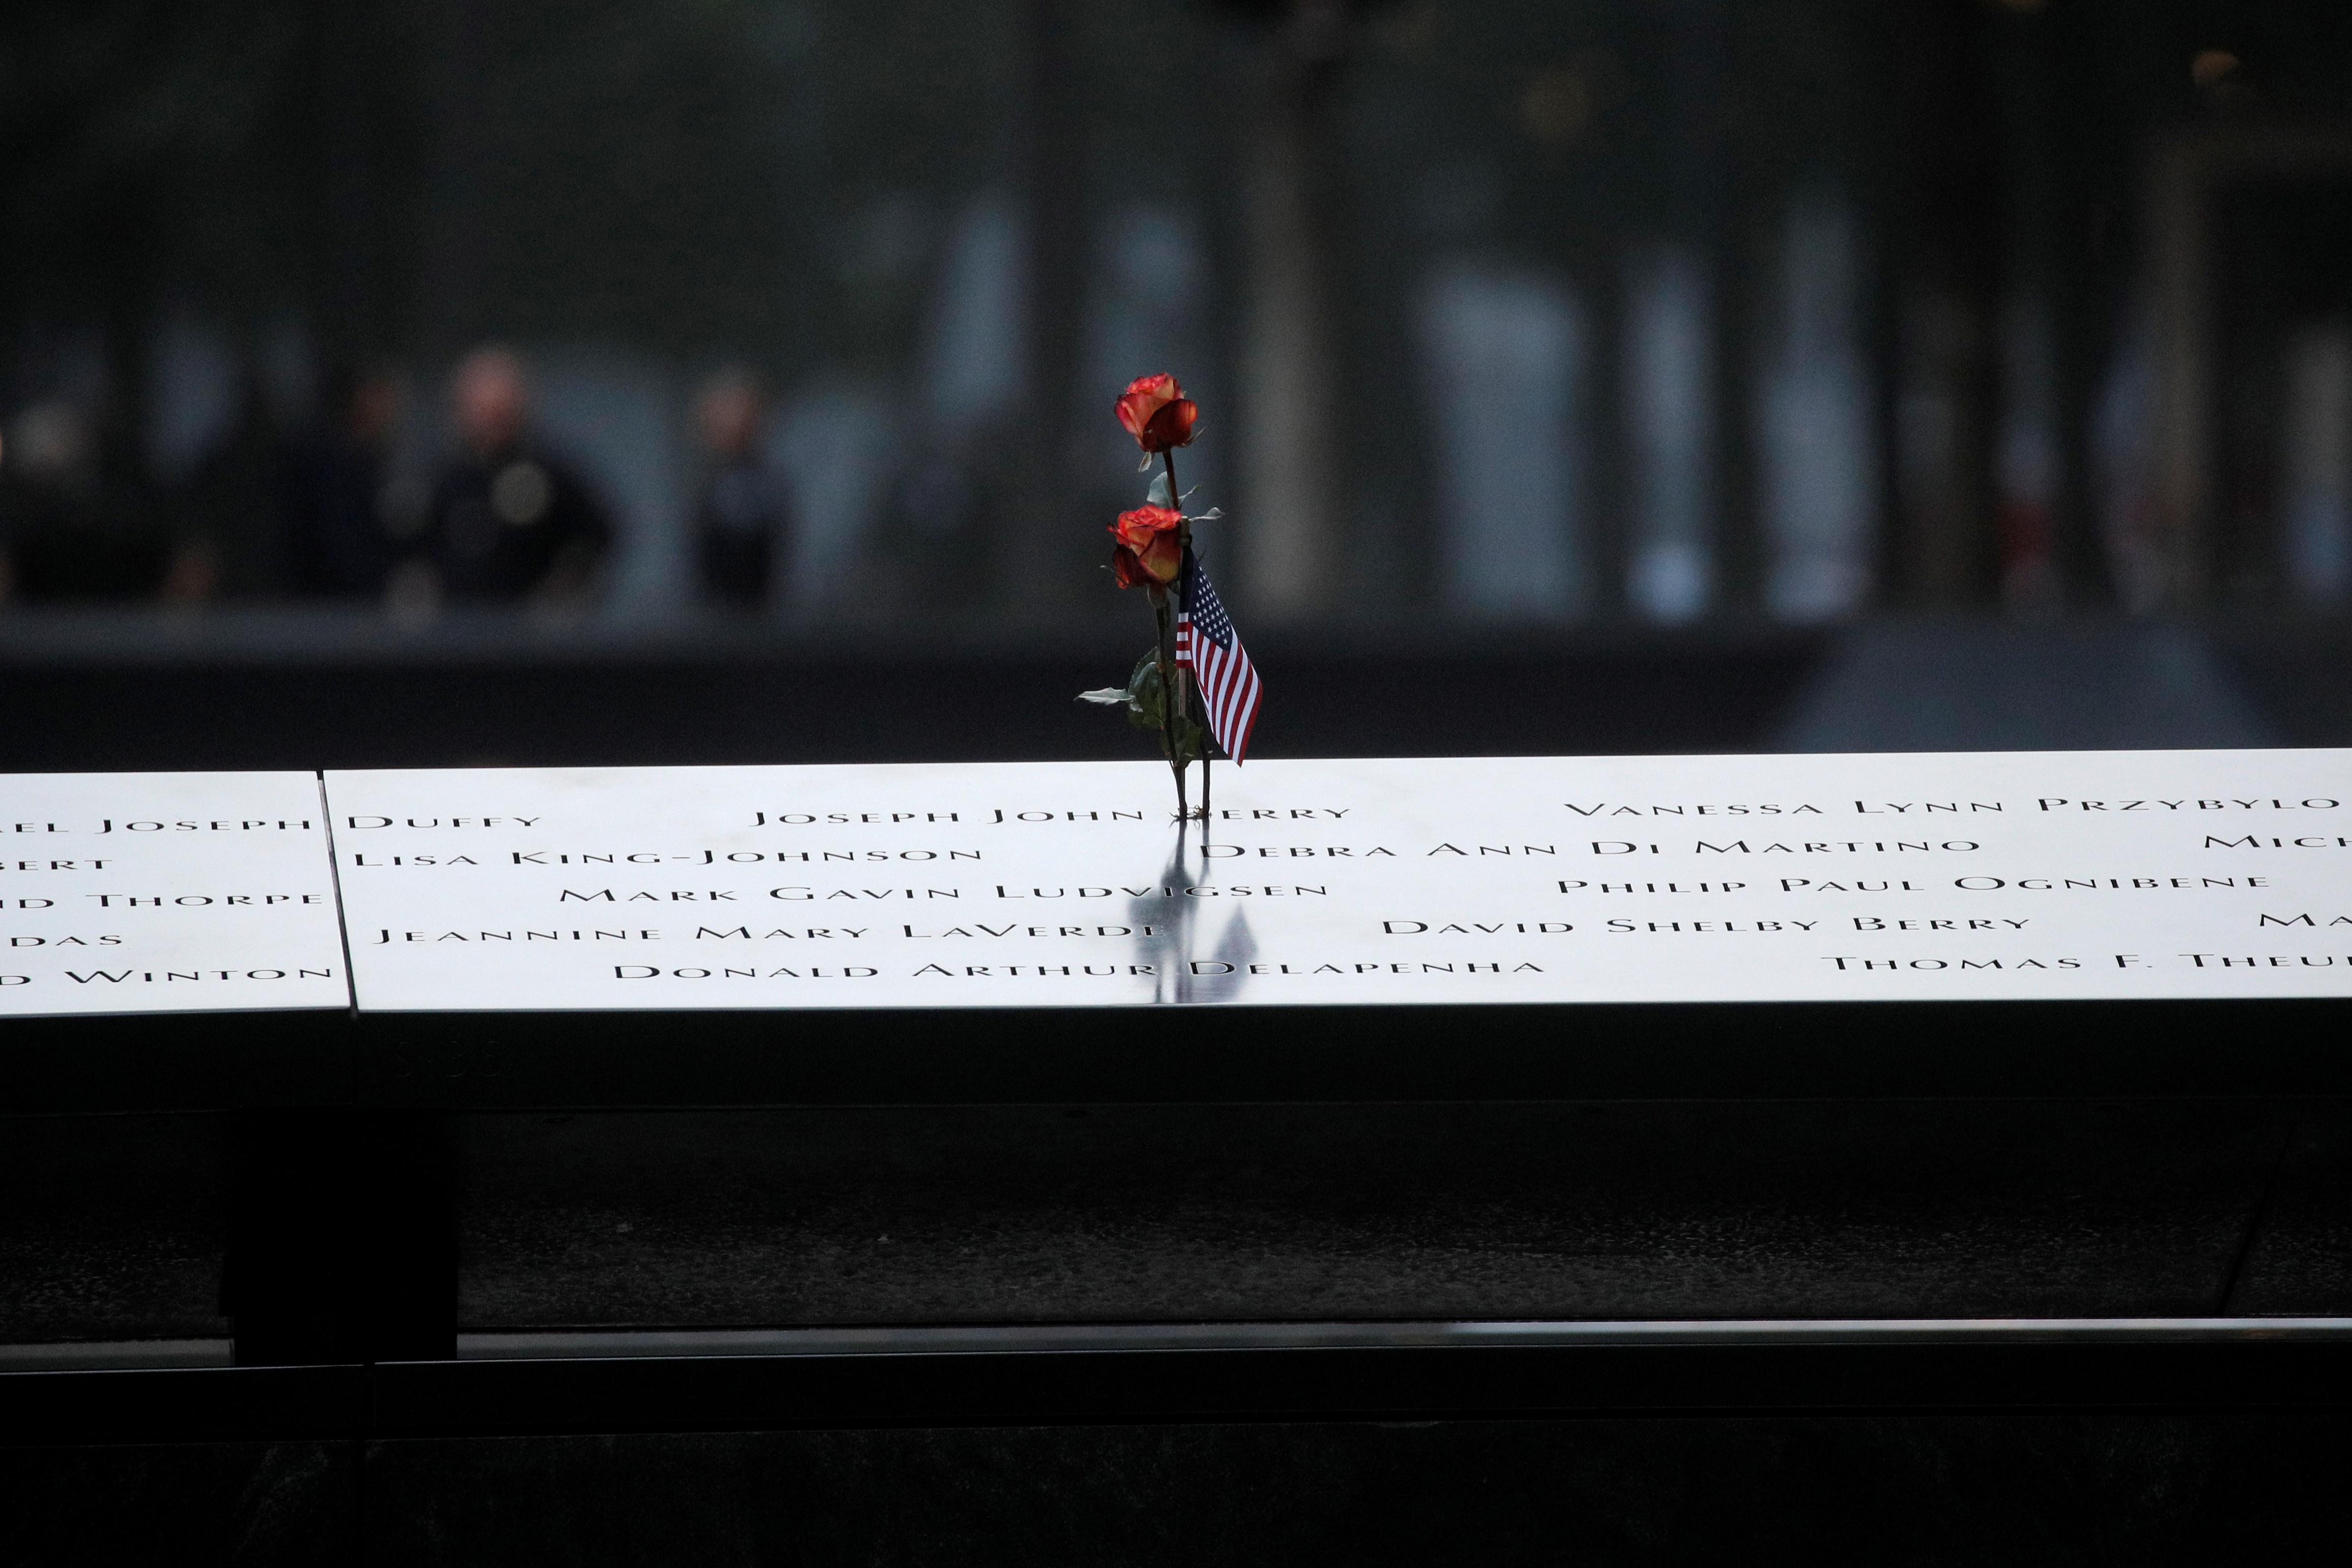 وردة بالقرب من النصب التذكارى لضحايا الهجوم